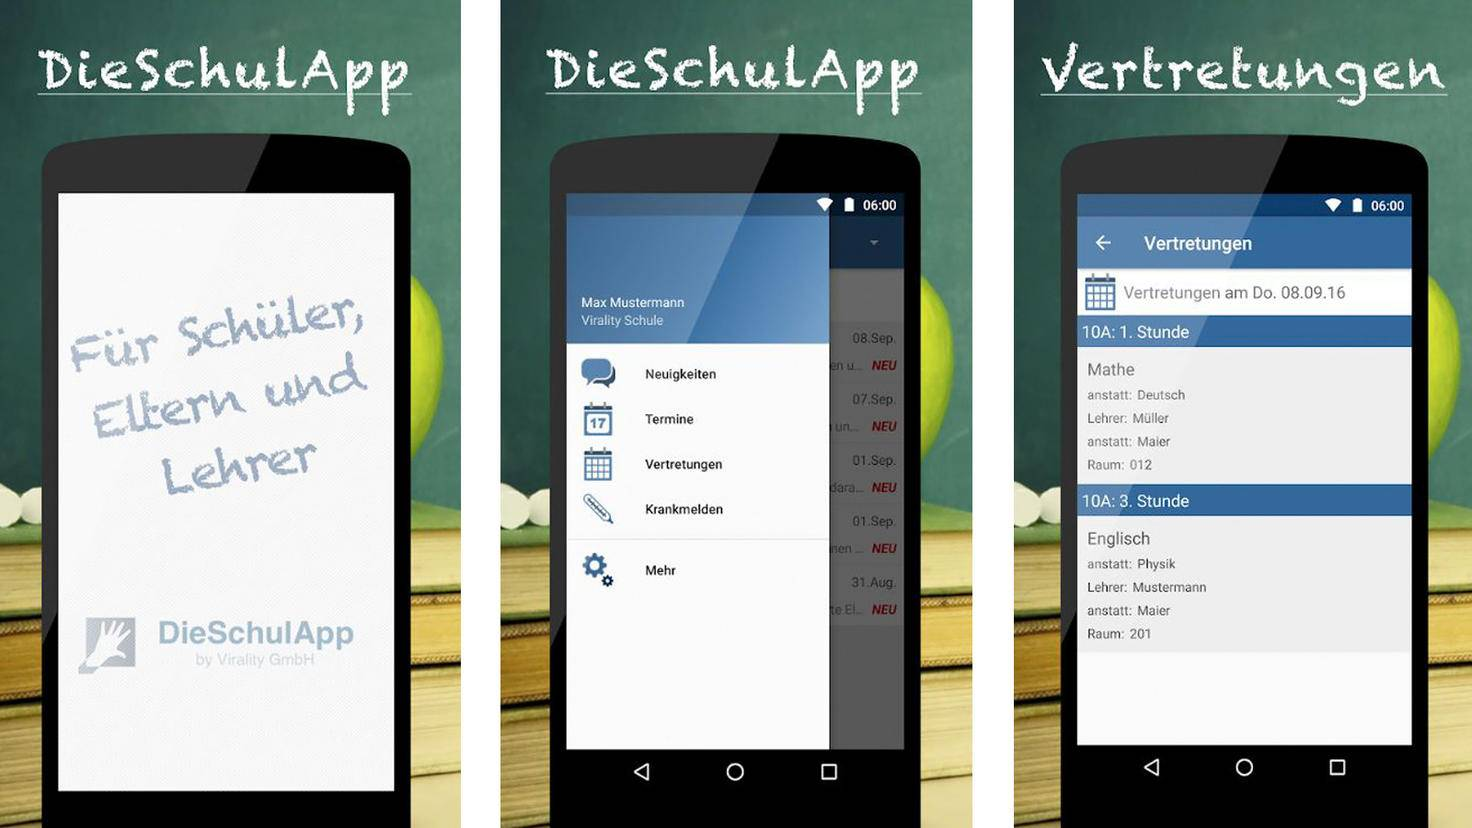 DieSchulApp-Google PlayStore-Virality GmbH